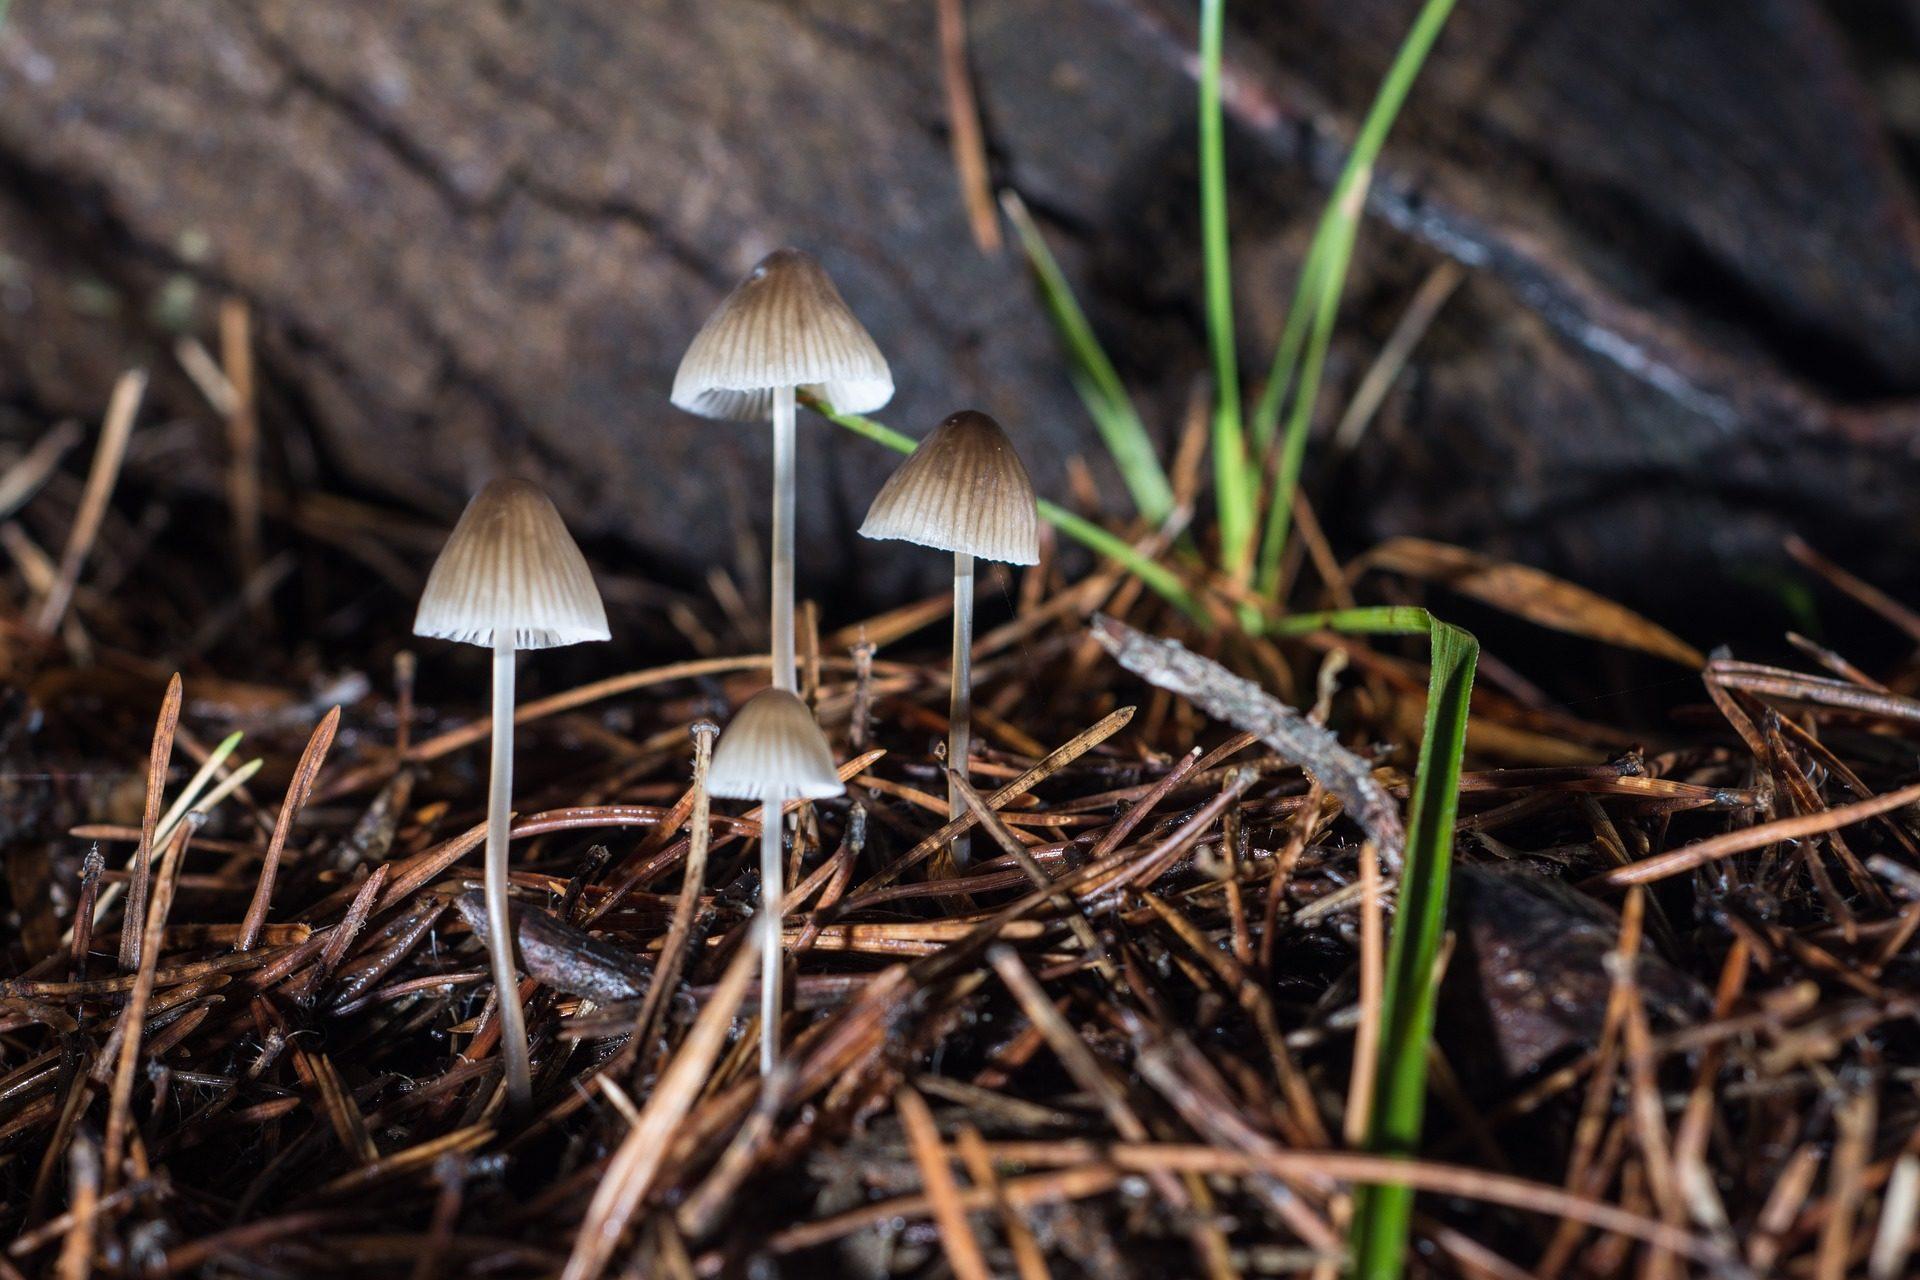 عيش الغراب, الفطريات, العشب, الرطوبة, الخريف - خلفيات عالية الدقة - أستاذ falken.com